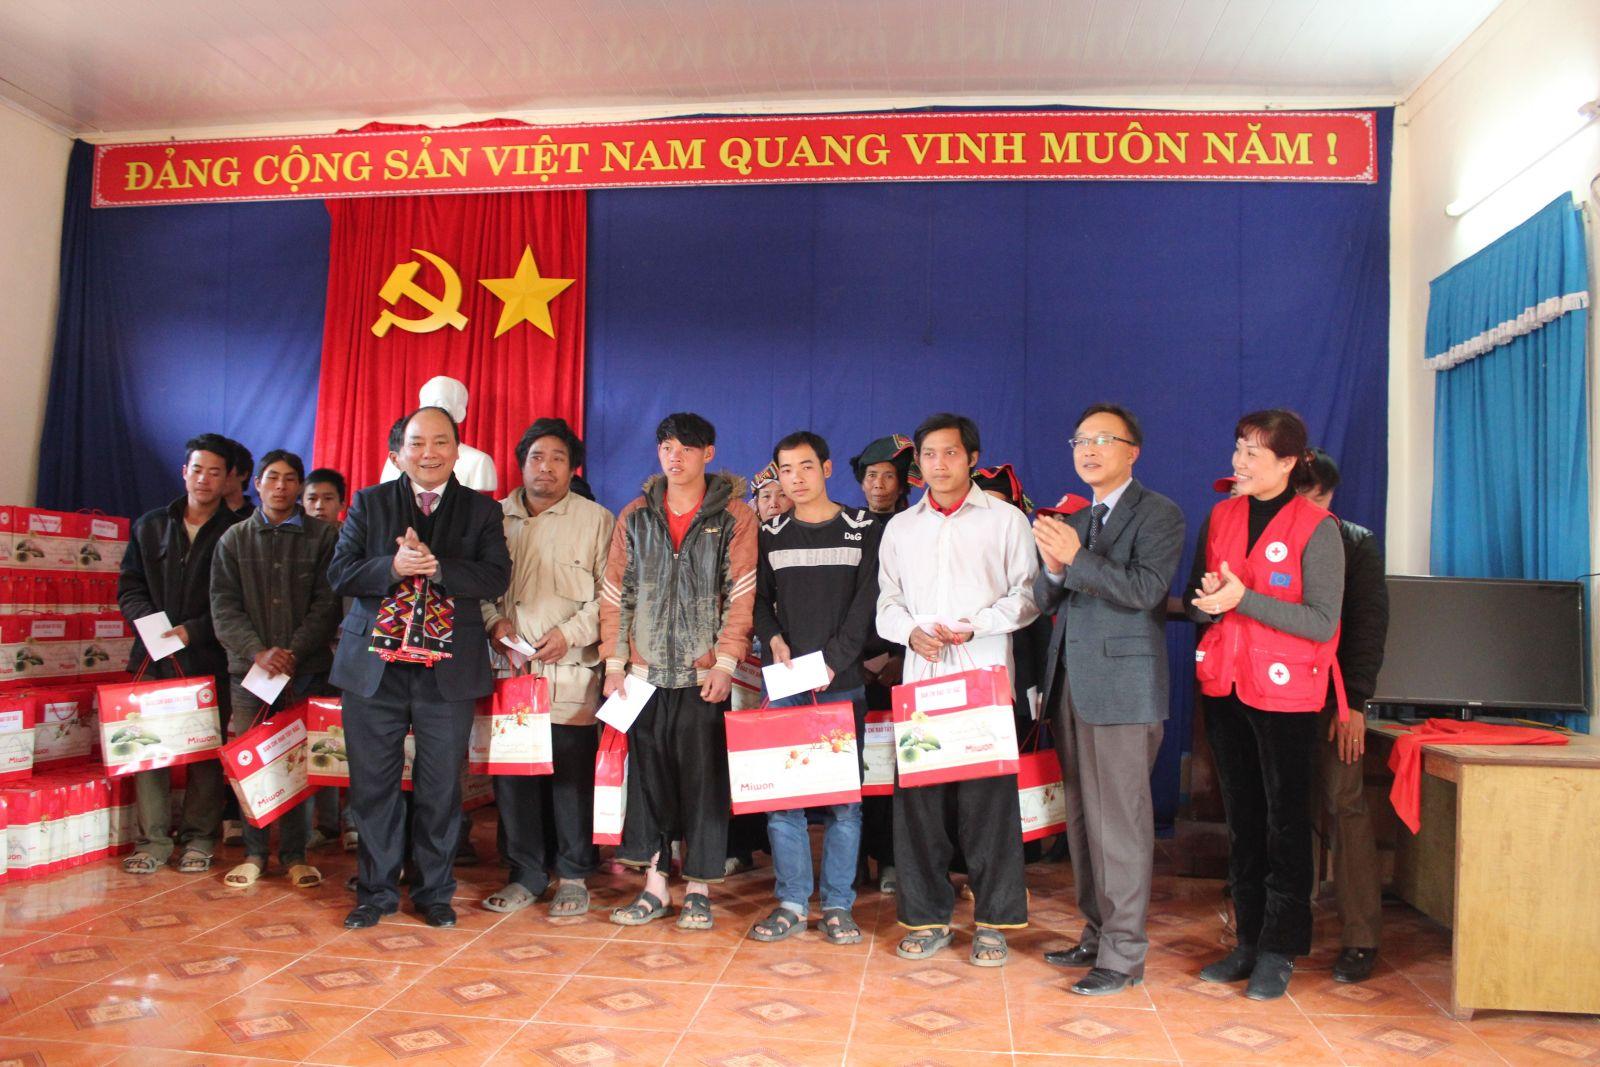 Trao quà cho hộ gia đình nghèo tại Sơn La